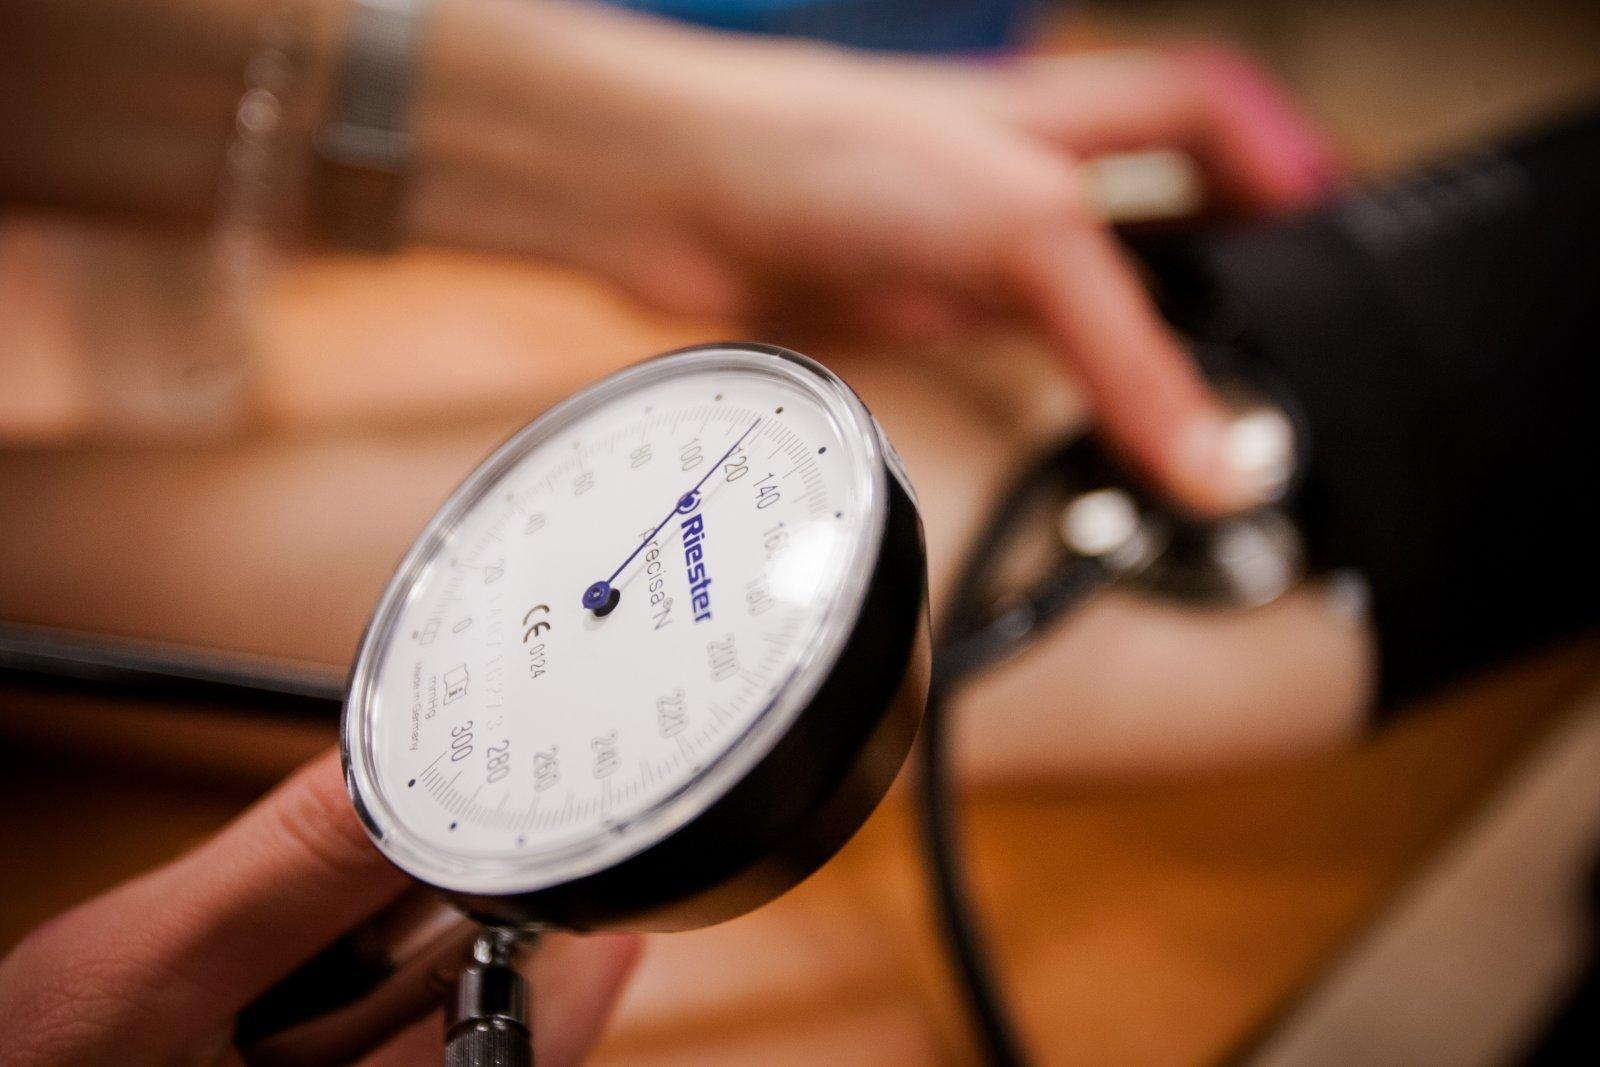 ką galite valgyti hipertenzija vegetacinė kraujagyslių ir hipertenzija